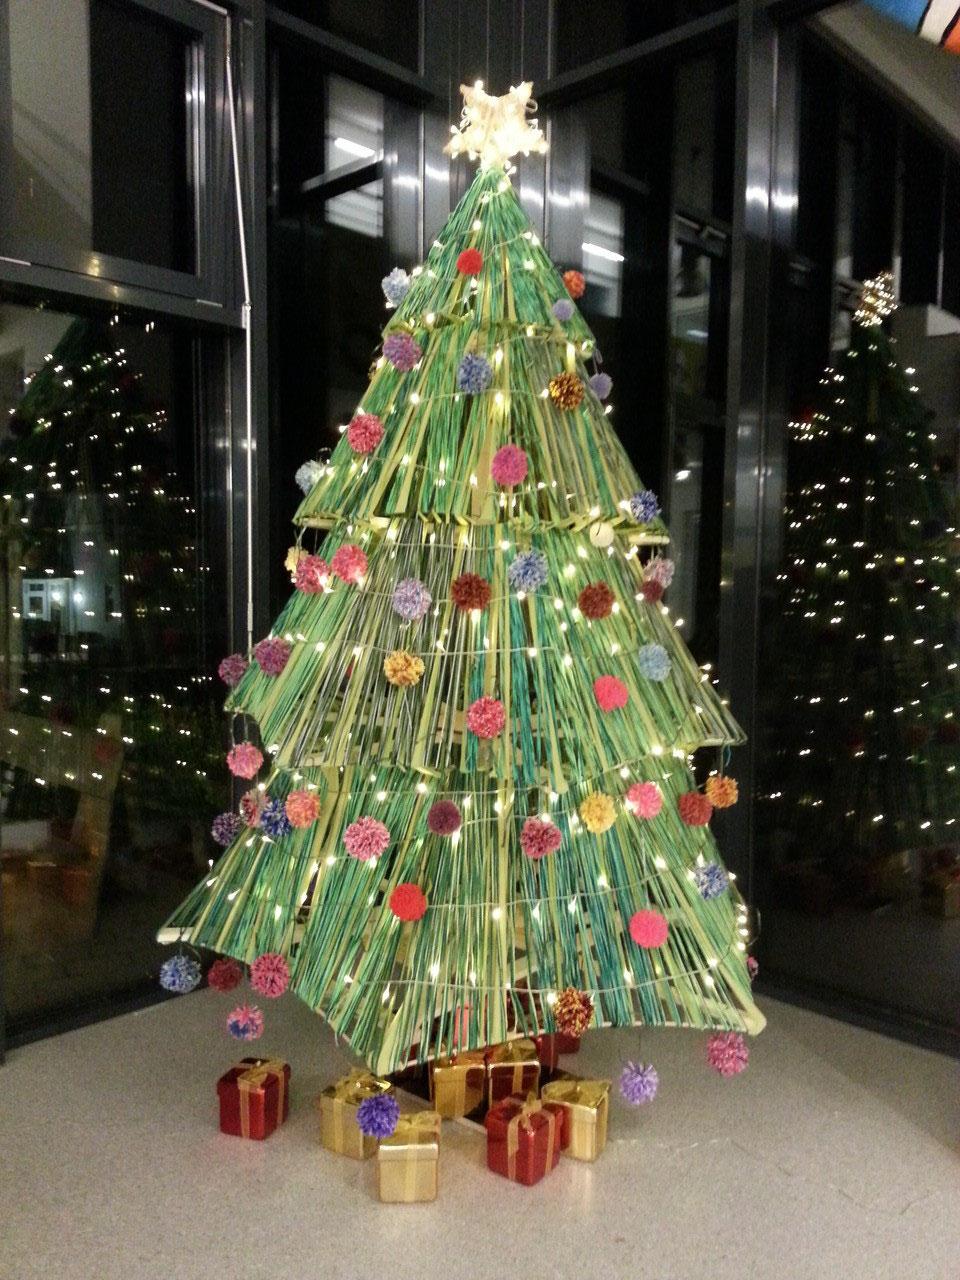 Wie Entstand Der Weihnachtsbaum.Ein Weihnachtsbaum Aus Wolle Cornelia Funke Schule Gemünden